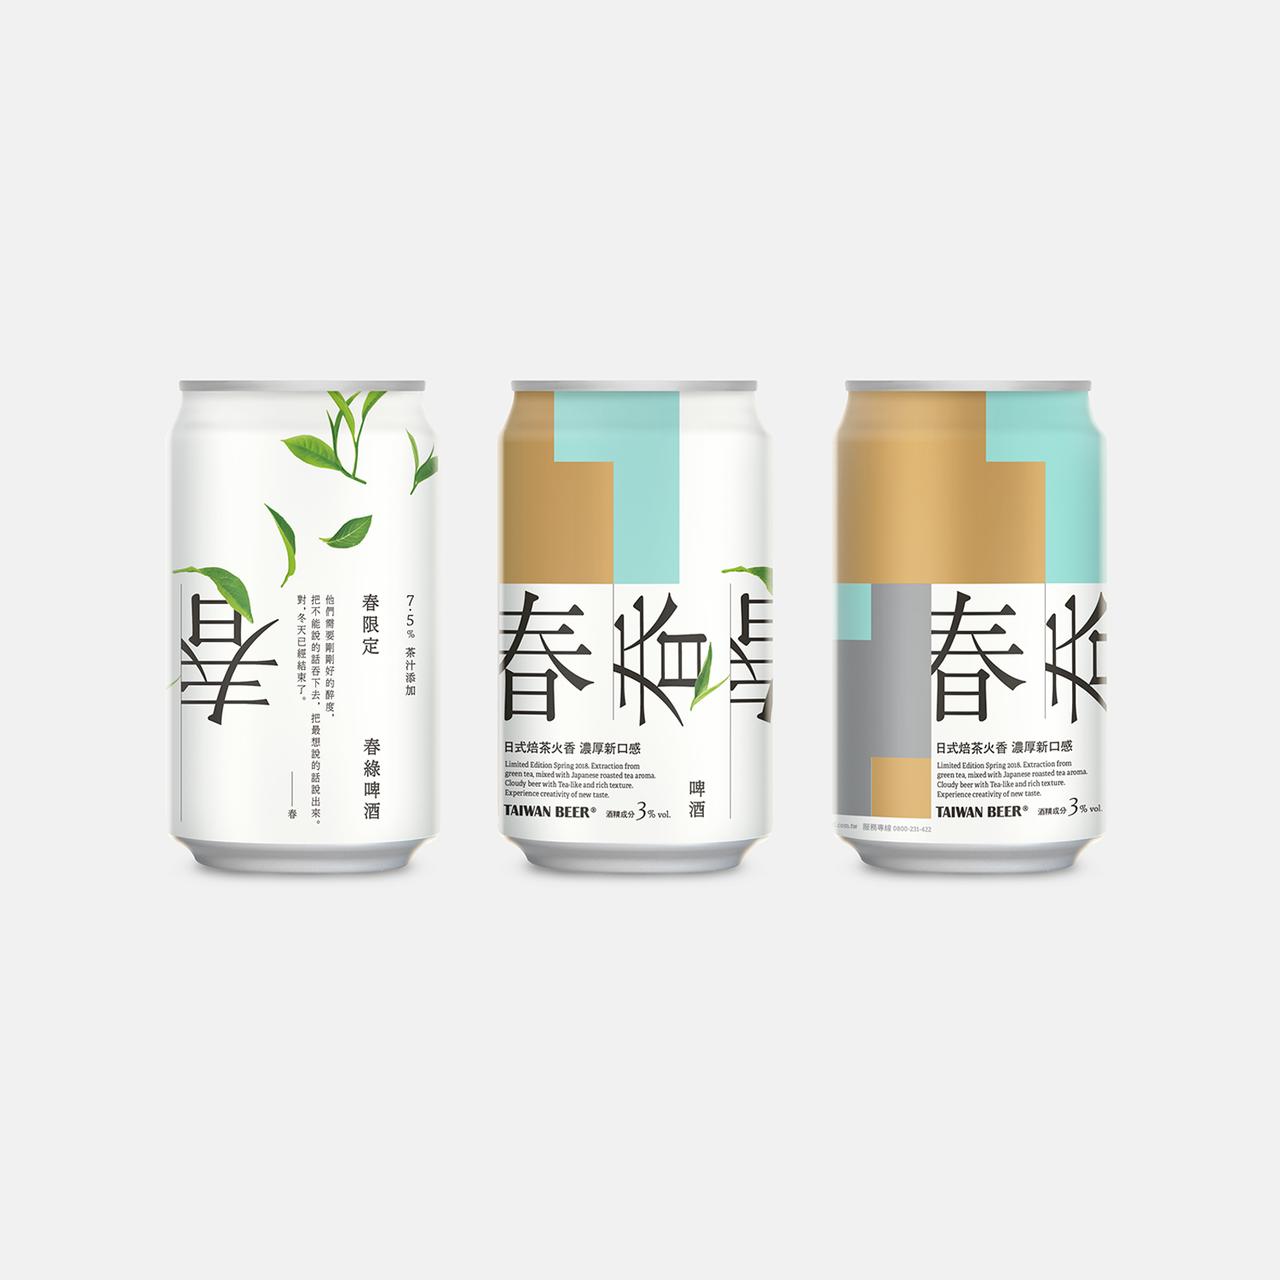 「茶香啤酒」包裝。圖/取自臉書粉絲團「空白地區」